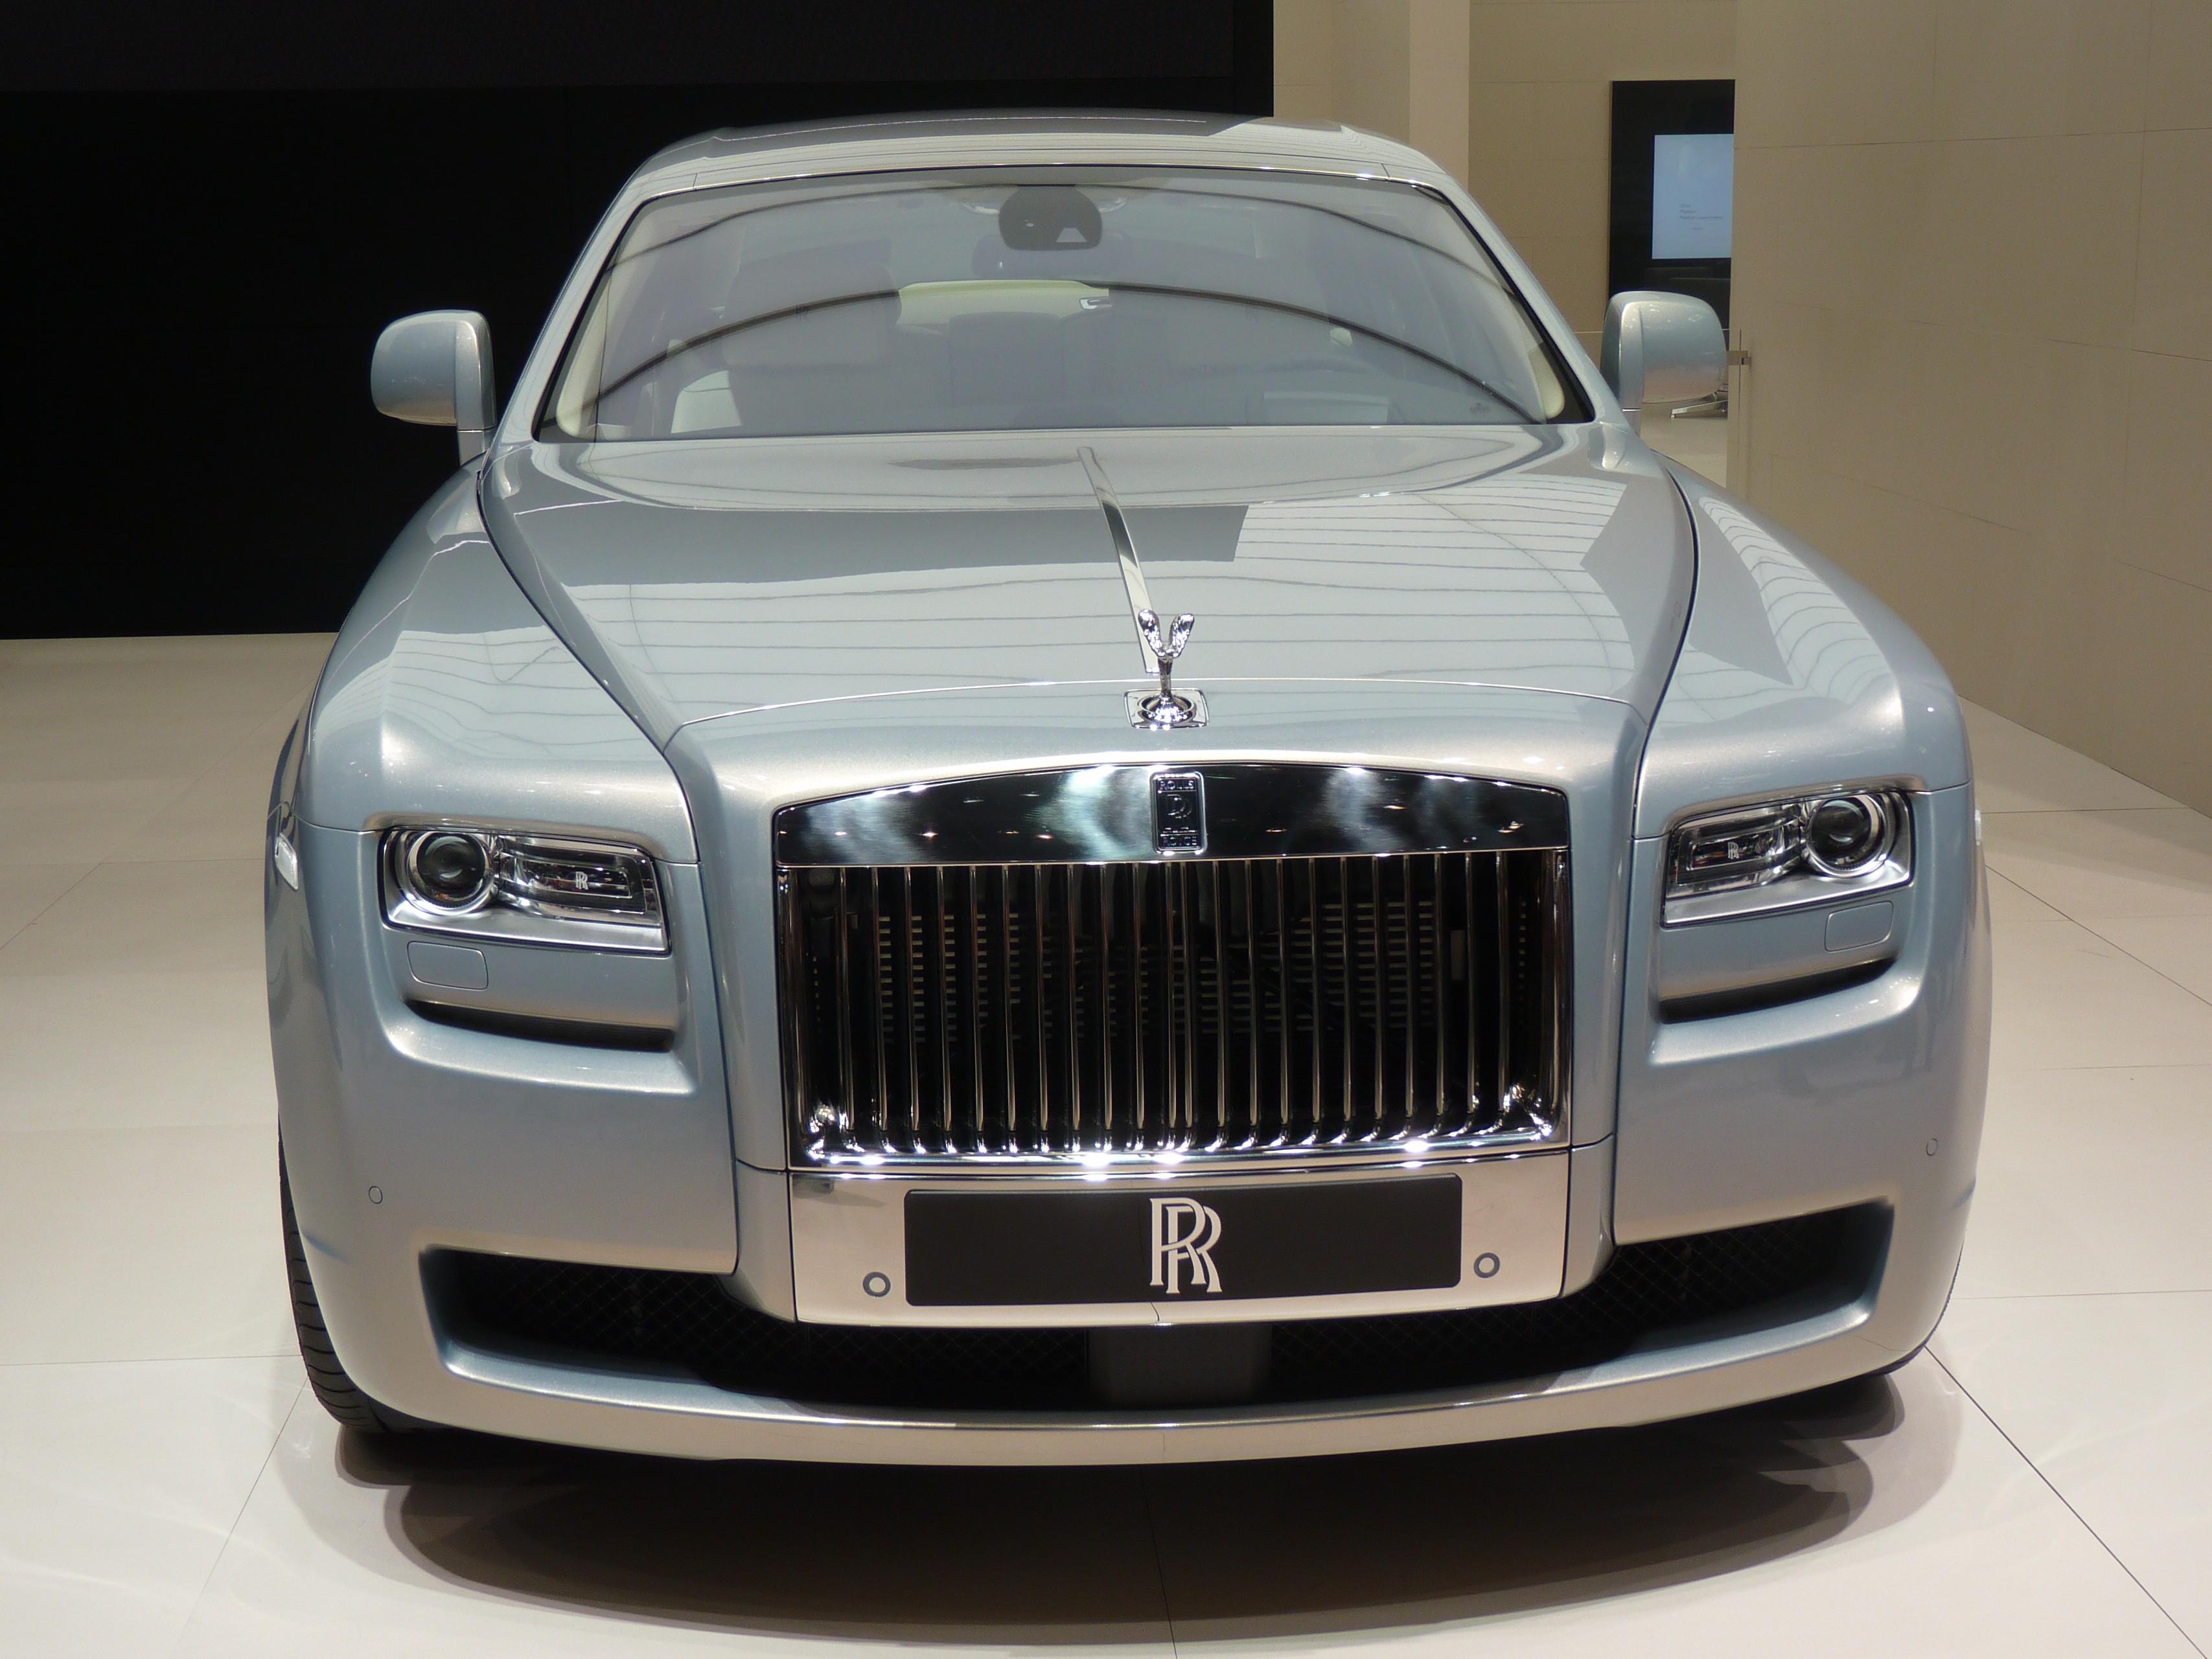 file:2010 rolls-royce ghost (1) mondial de l'automobile paris